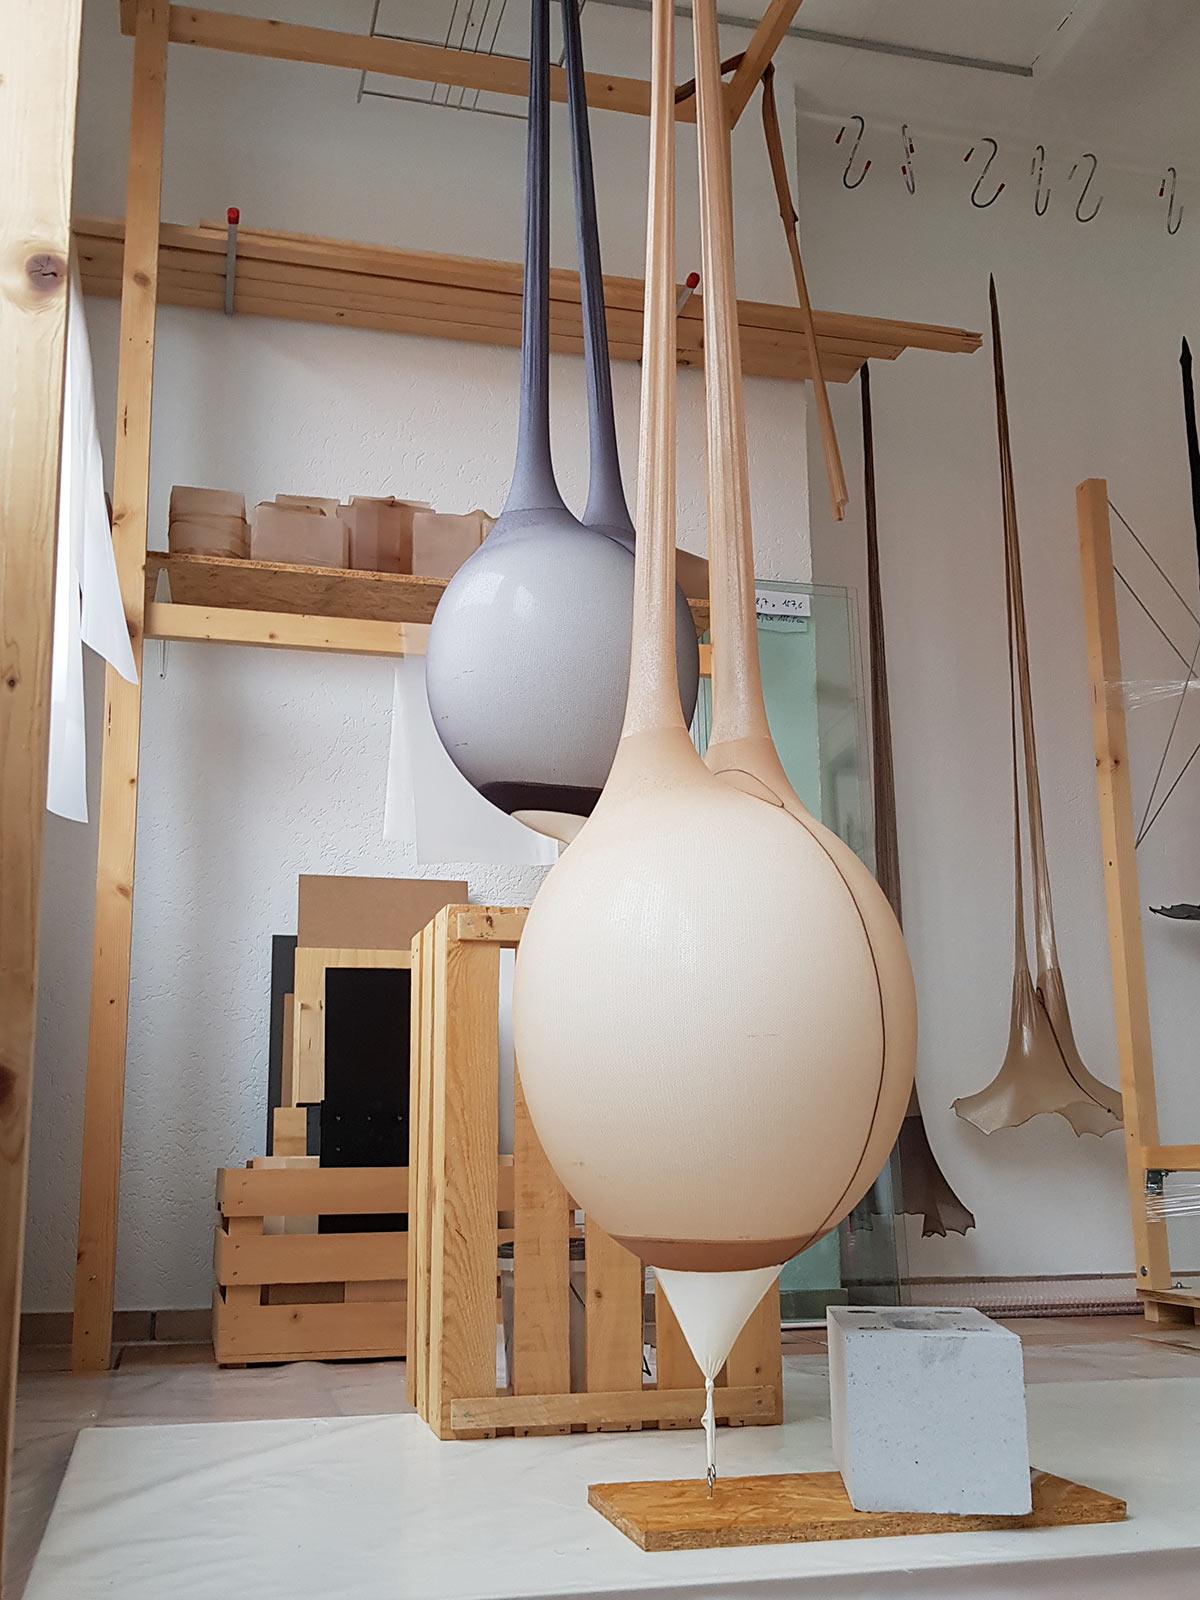 Vertikal gedehnte Strumpfhosen mit grossen aufgeblasenen Ballonen.